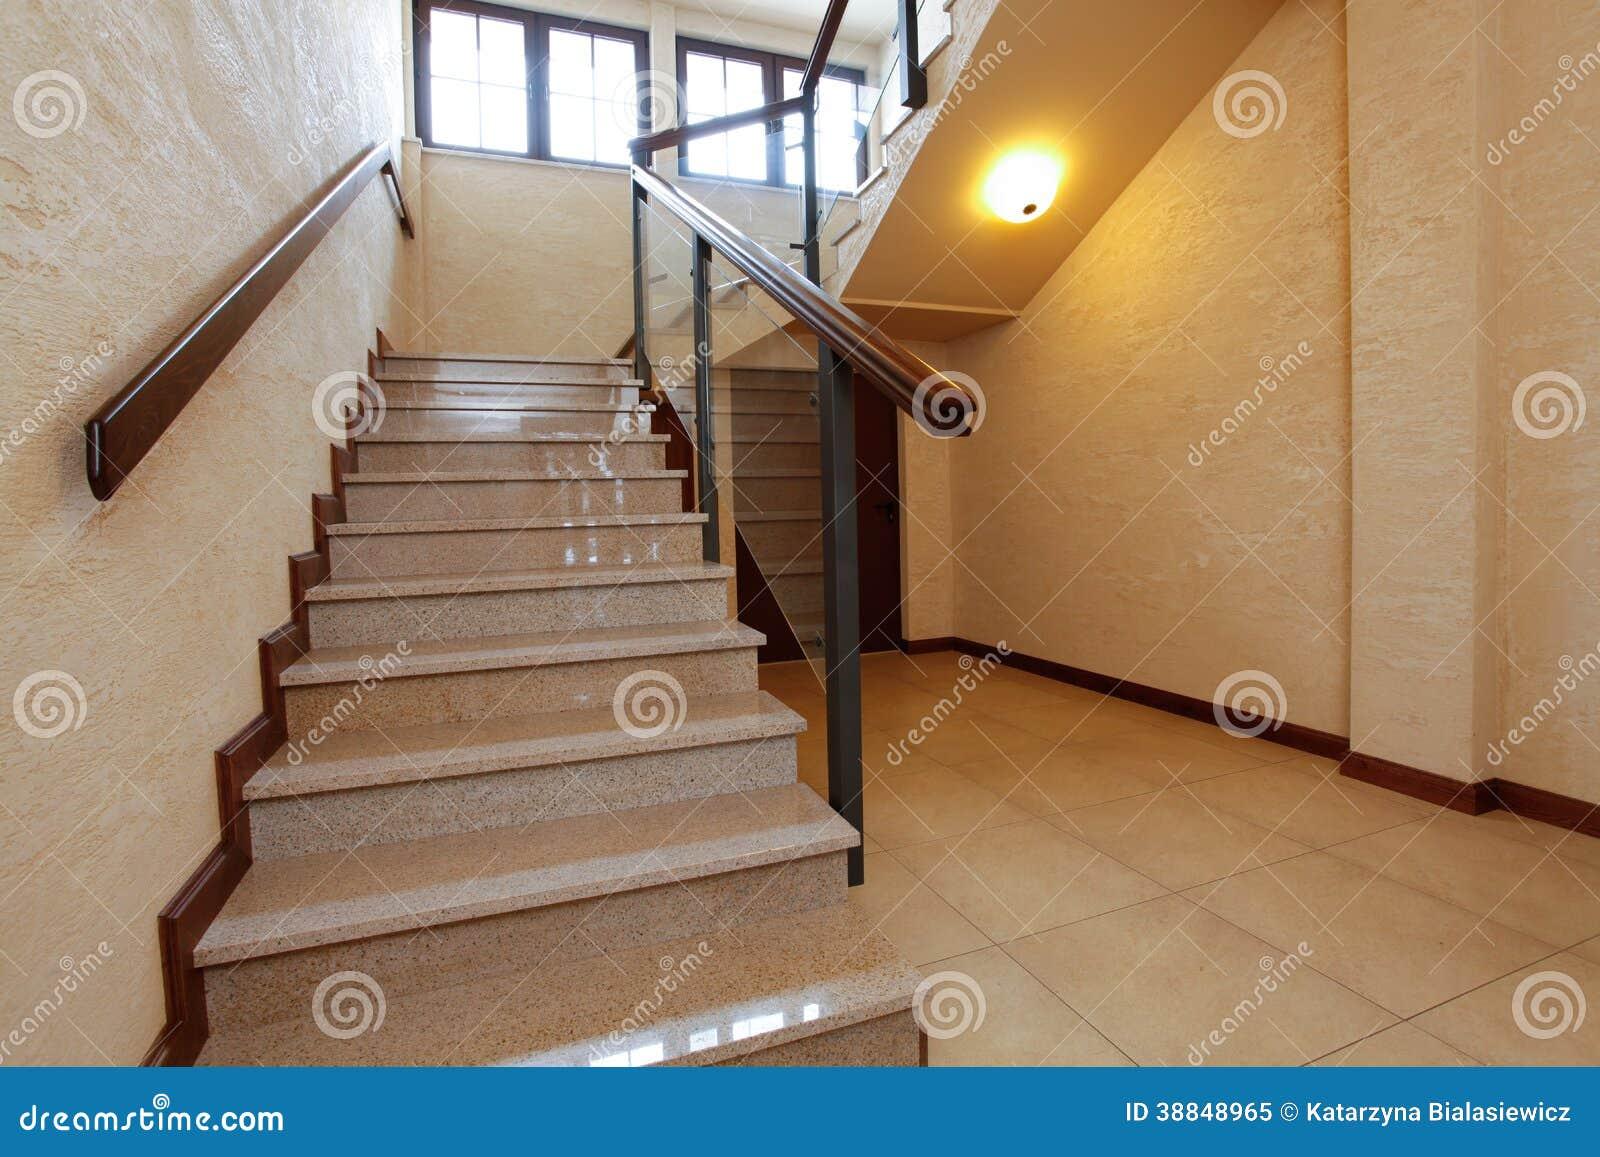 escaleras de piedra modernas con la barandilla de madera foto de archivo